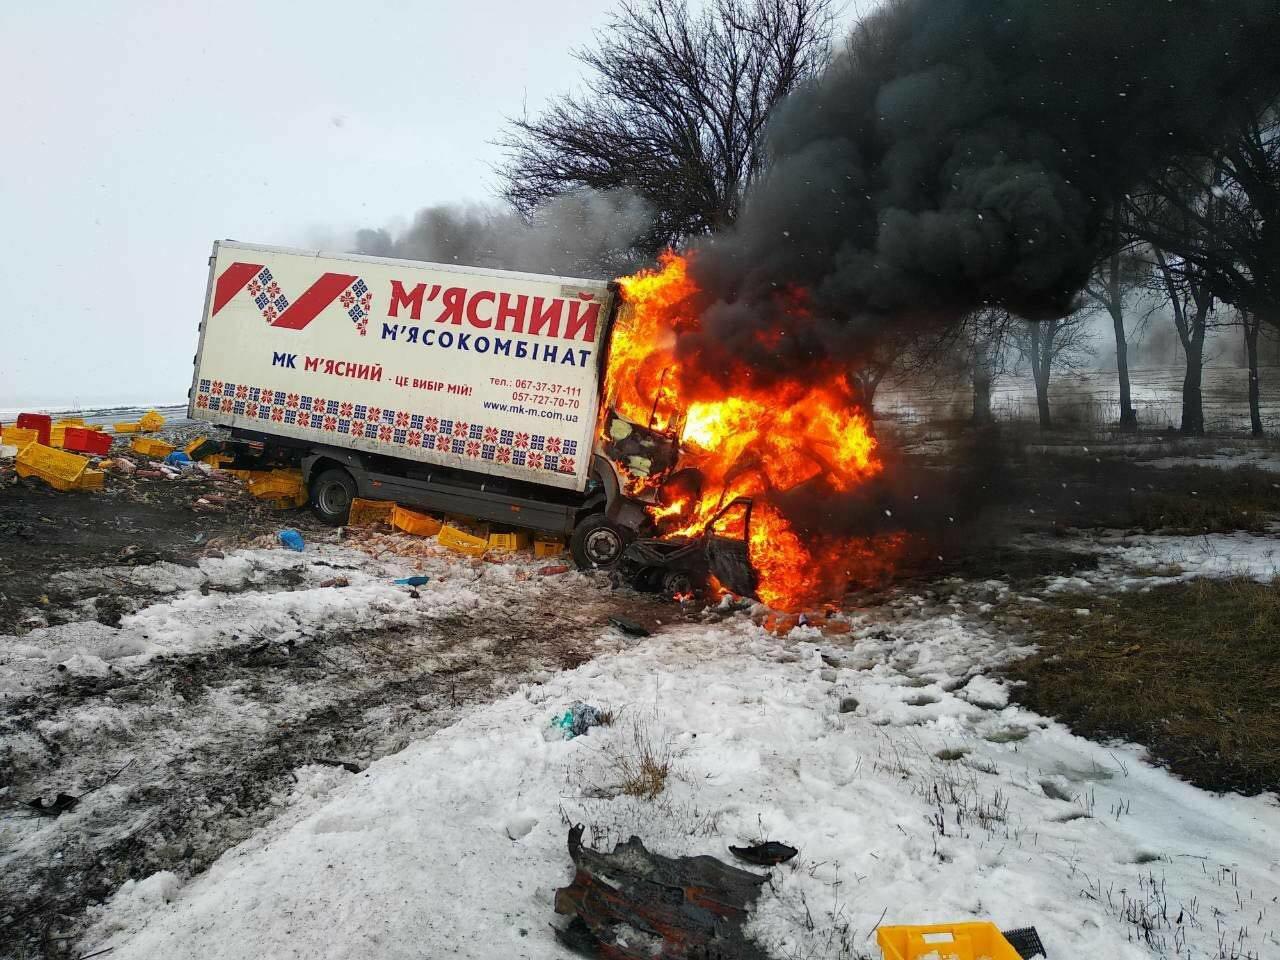 Масштабное ДТП с пожаром под Днепром: погибло 3 человека и ребенок (ФОТО), фото-3